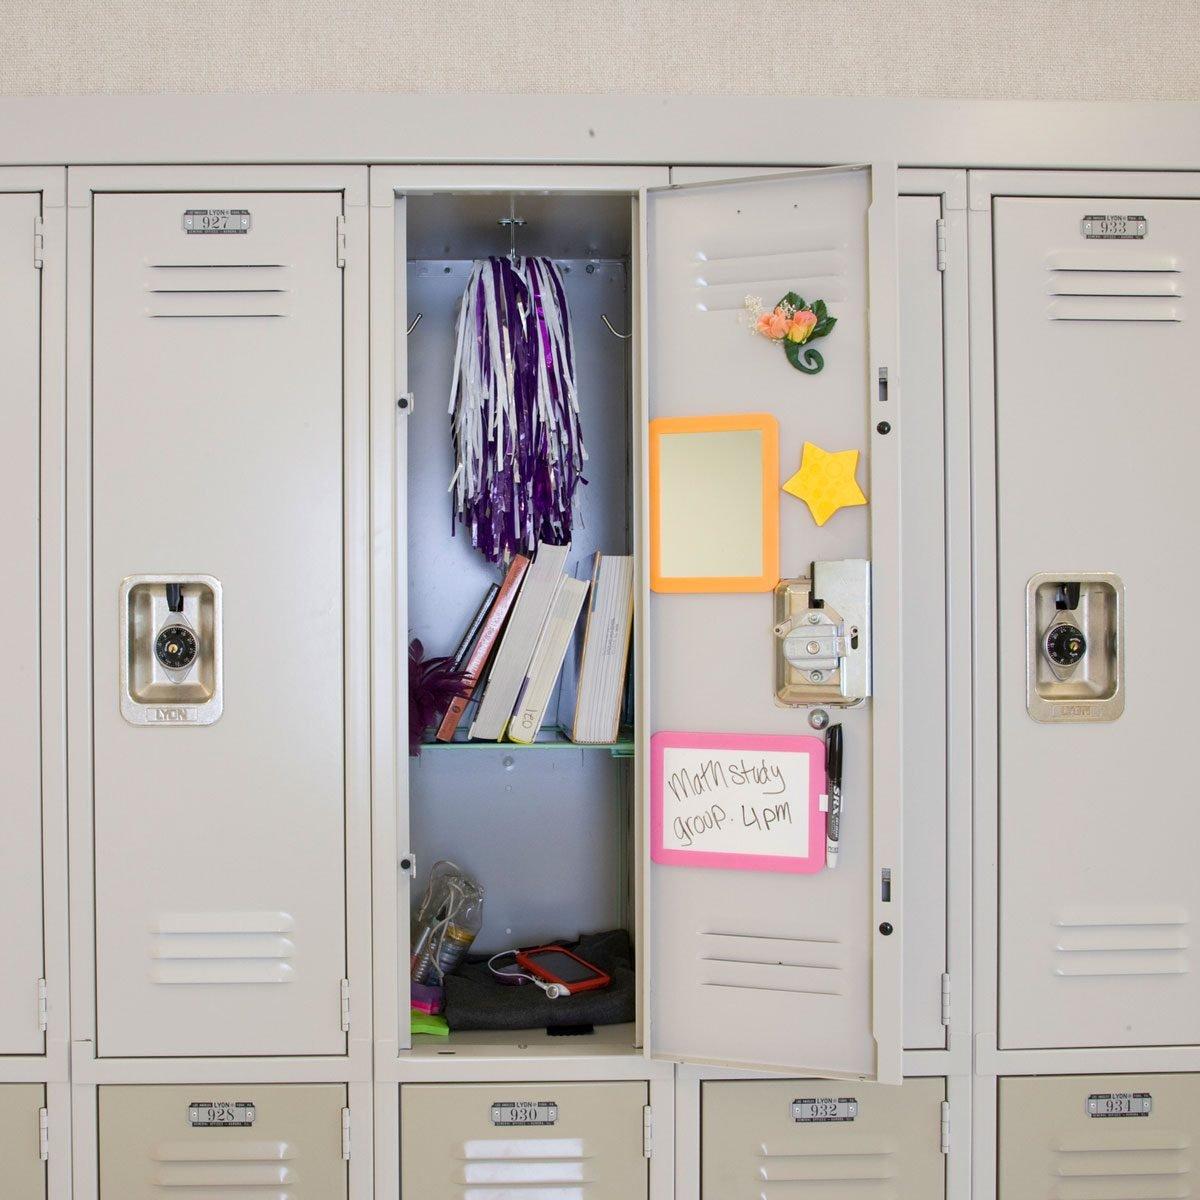 Personalized locker